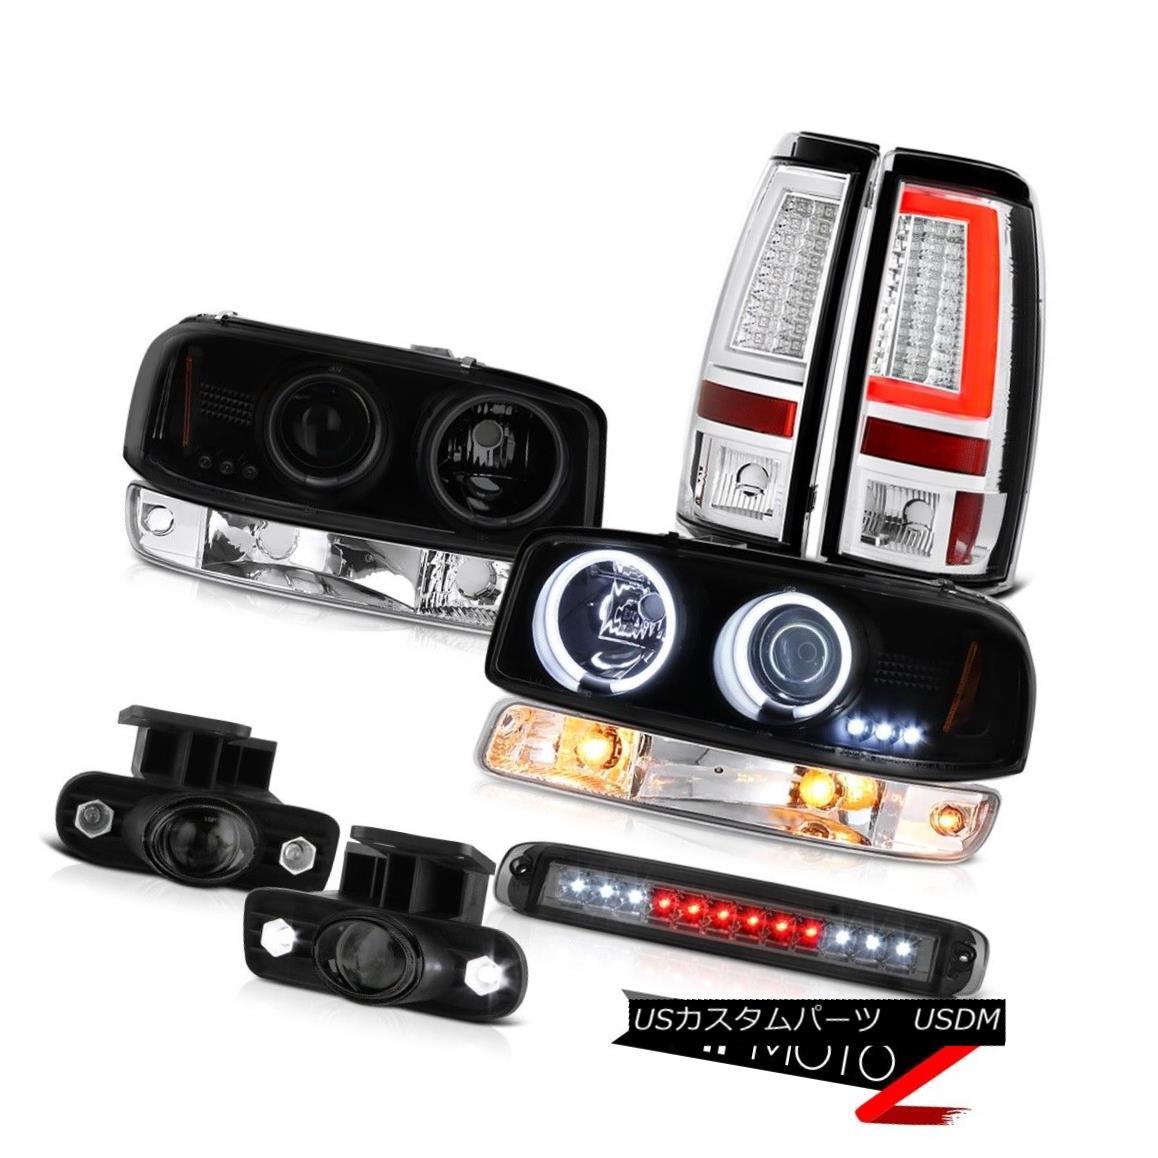 ヘッドライト 99-02 Sierra SL Tail Lamps Roof Cab Lamp Signal Fog CCFL Headlights LED Halo Rim 99-02 Sierra SLテールランプルーフキャブ・ランプ信号霧CCFLヘッドライトLED Halo Rim